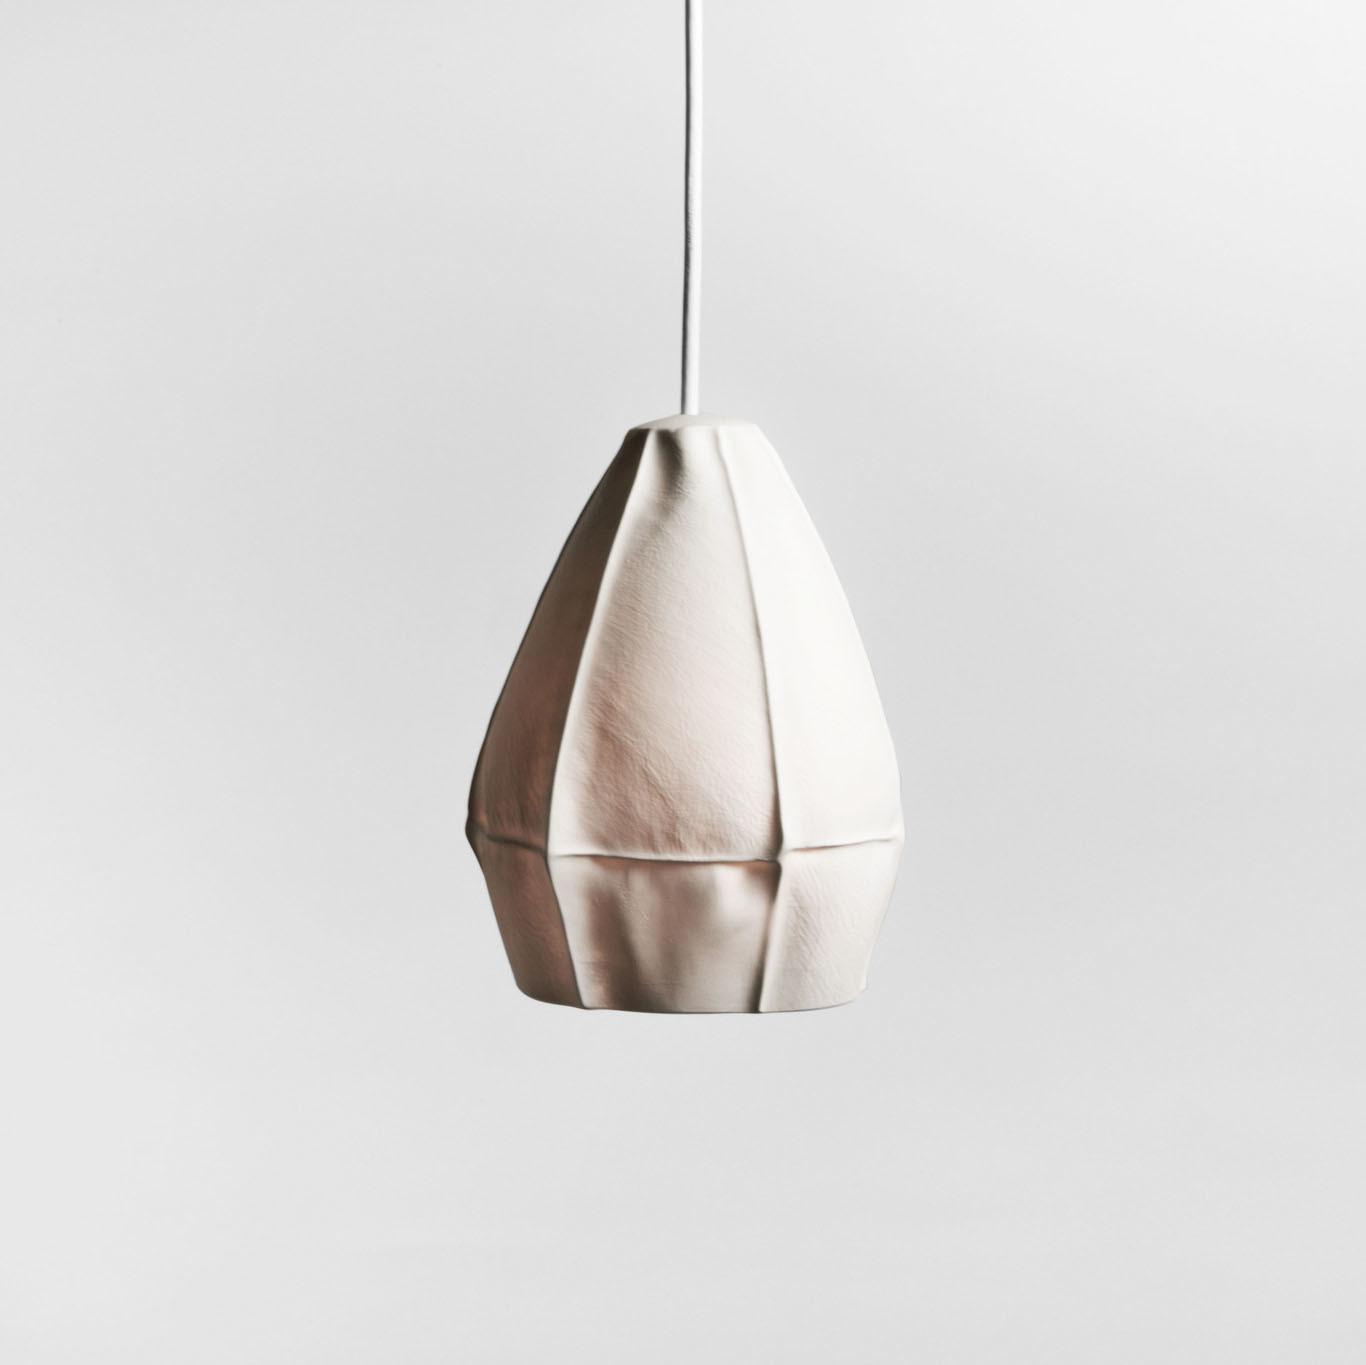 white porcelain pendant lamp